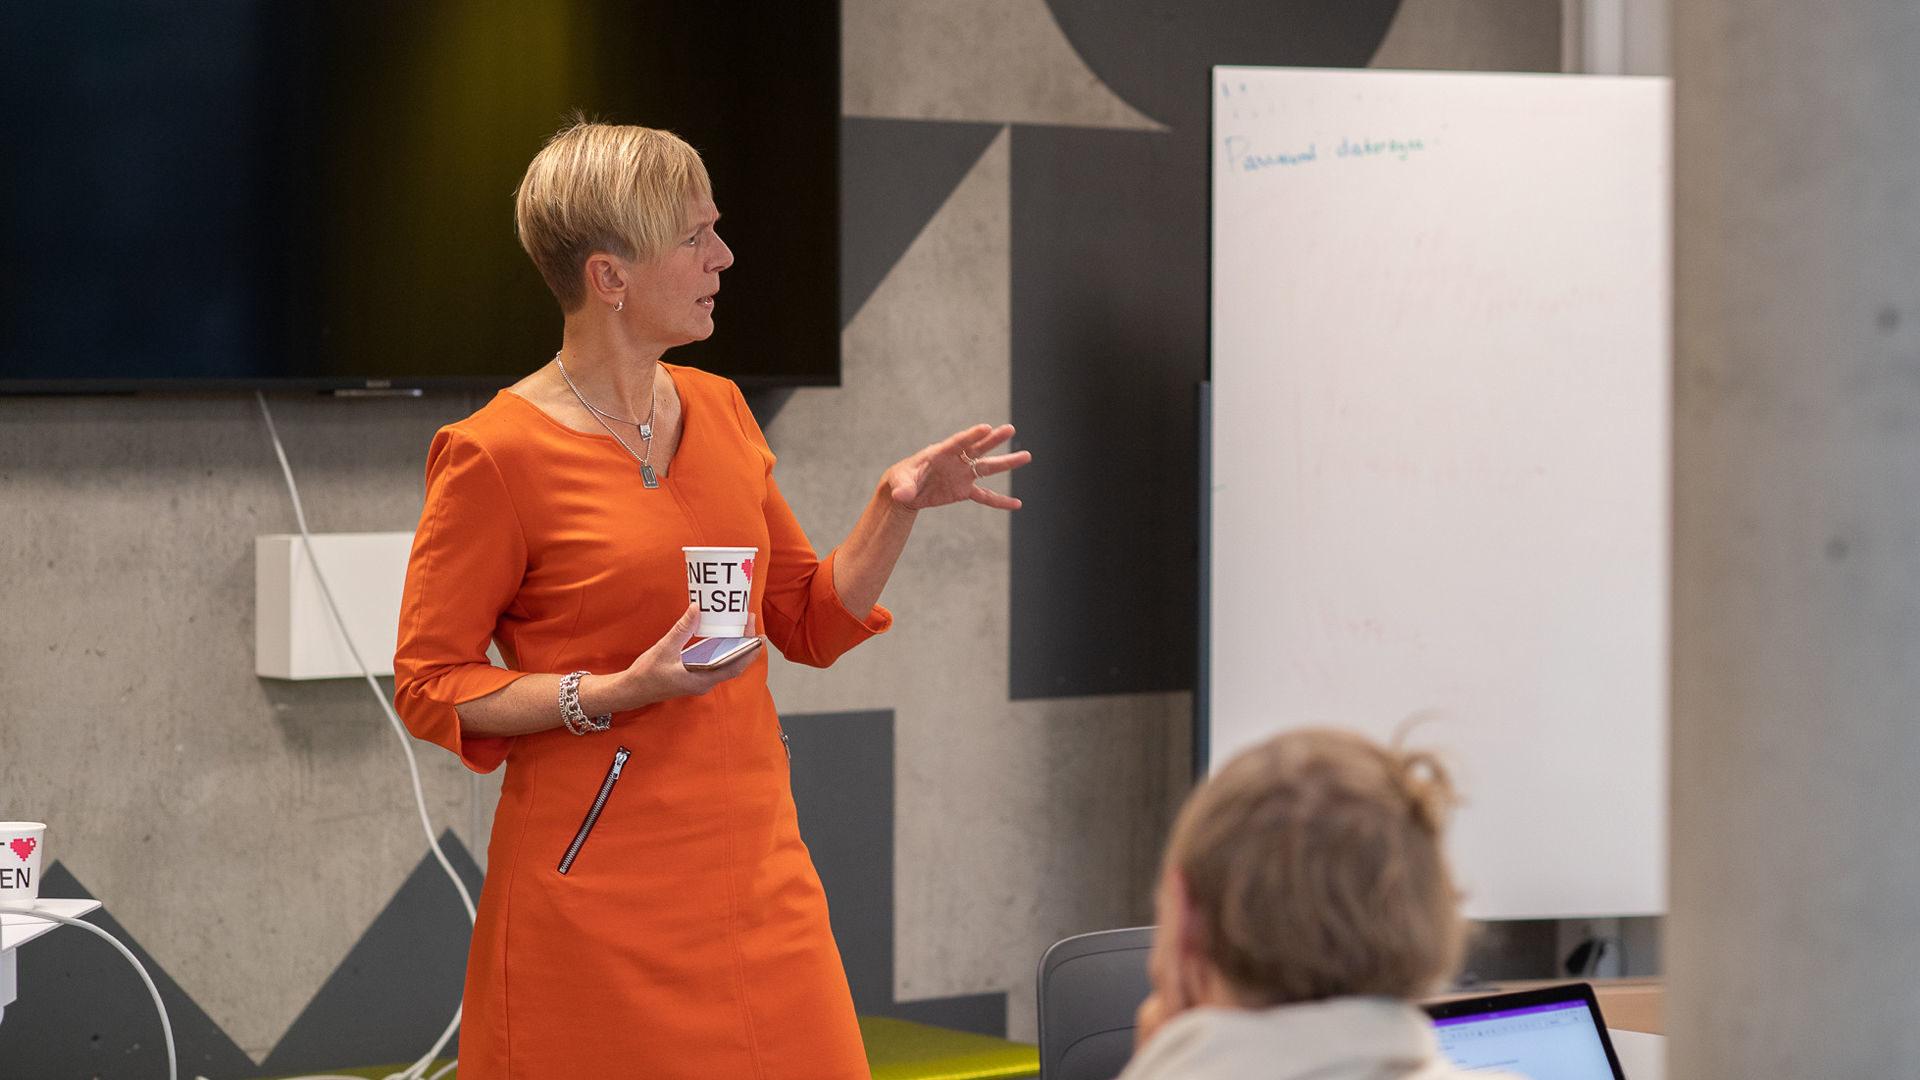 Kvinna med mobil och mugg pratar med publik